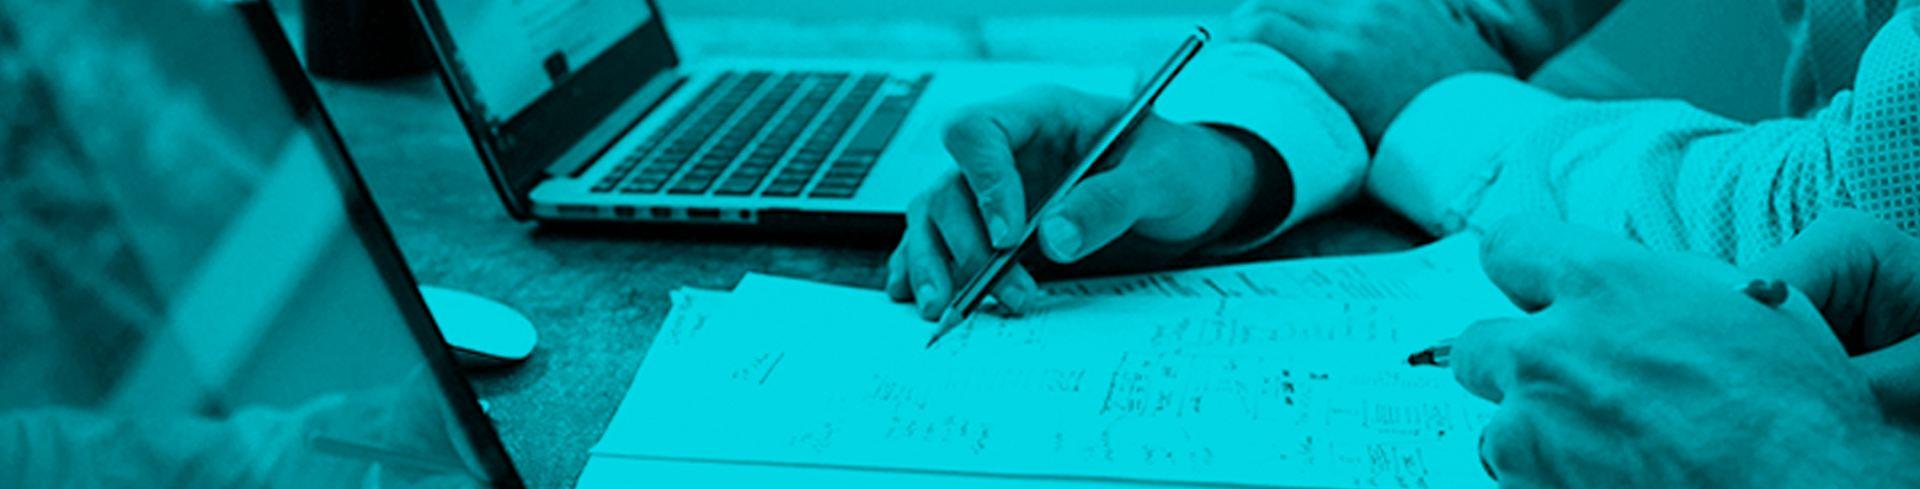 Curso Escritura, revisión y publicación de artículos de investigación biomédica y salud